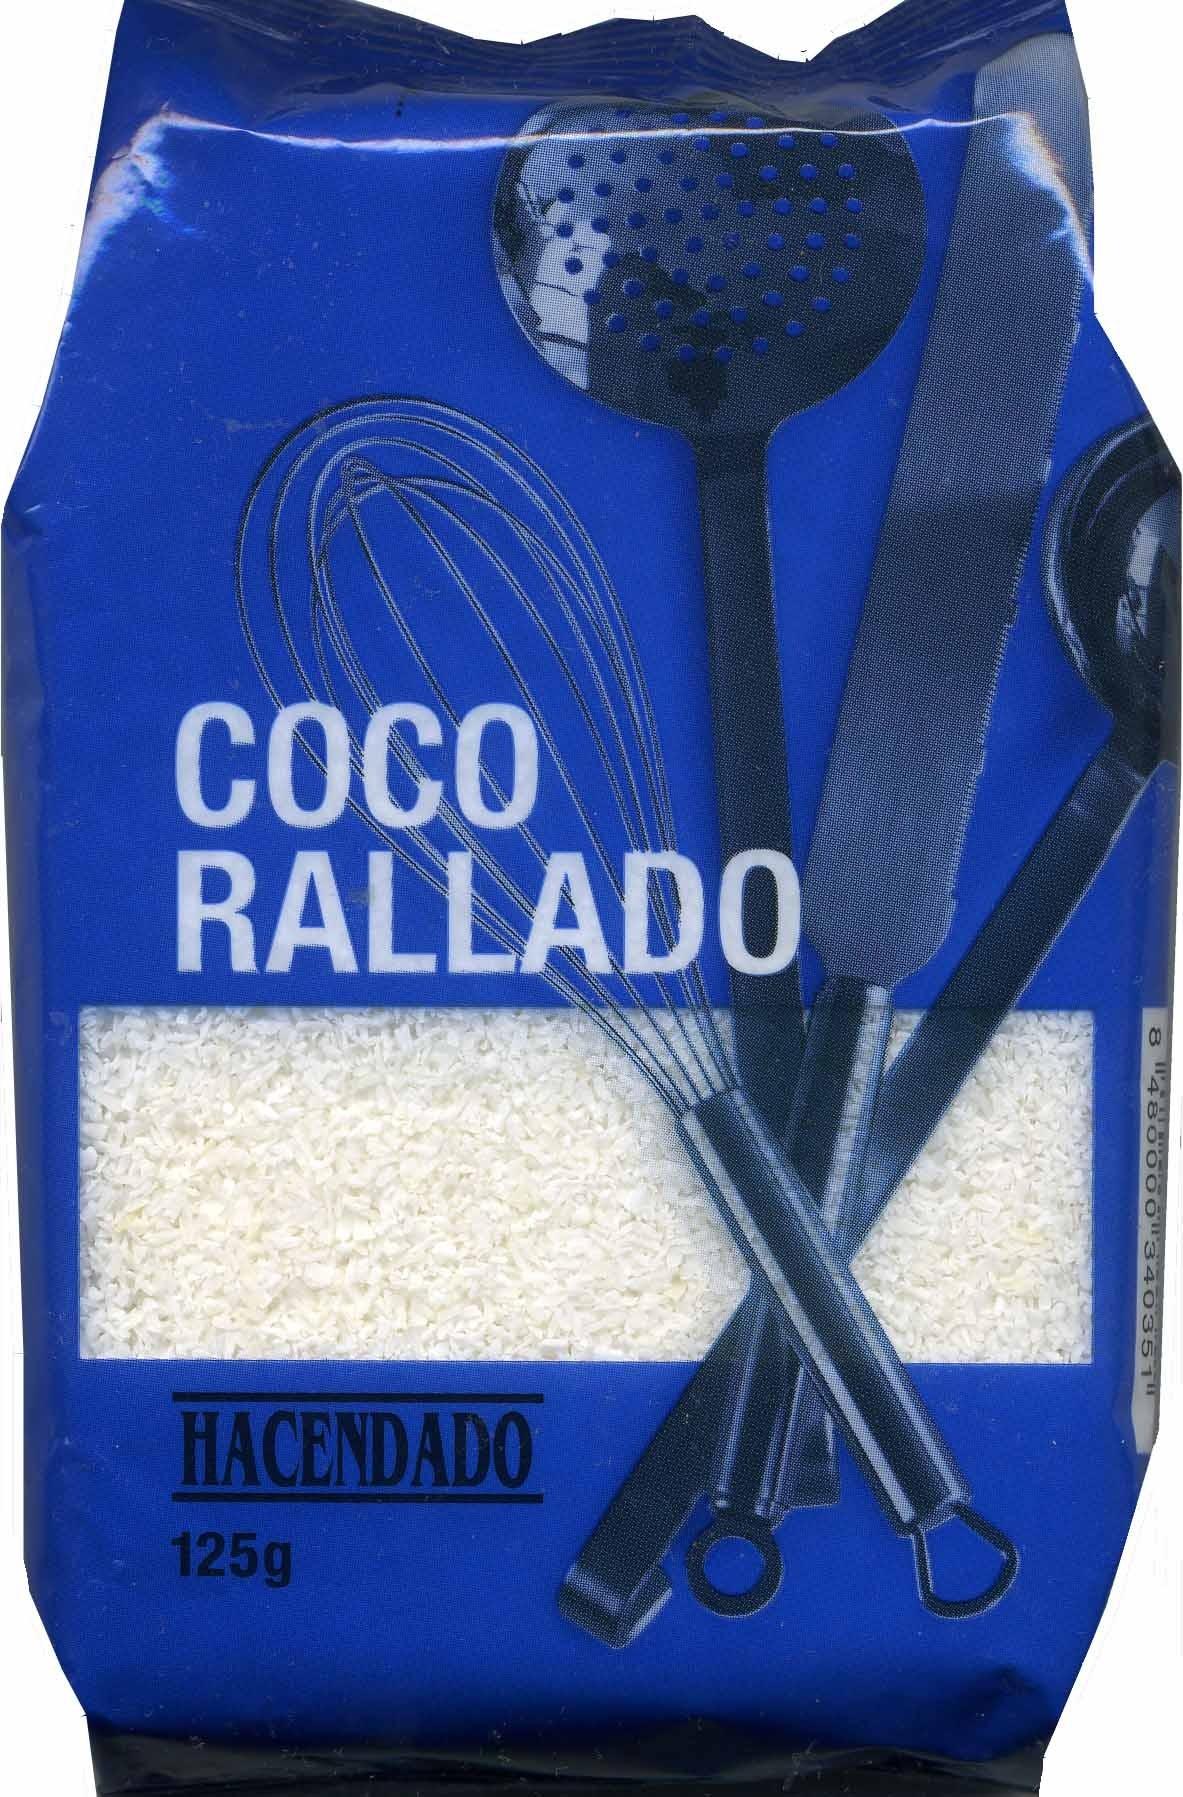 Coco rallado - Product - es